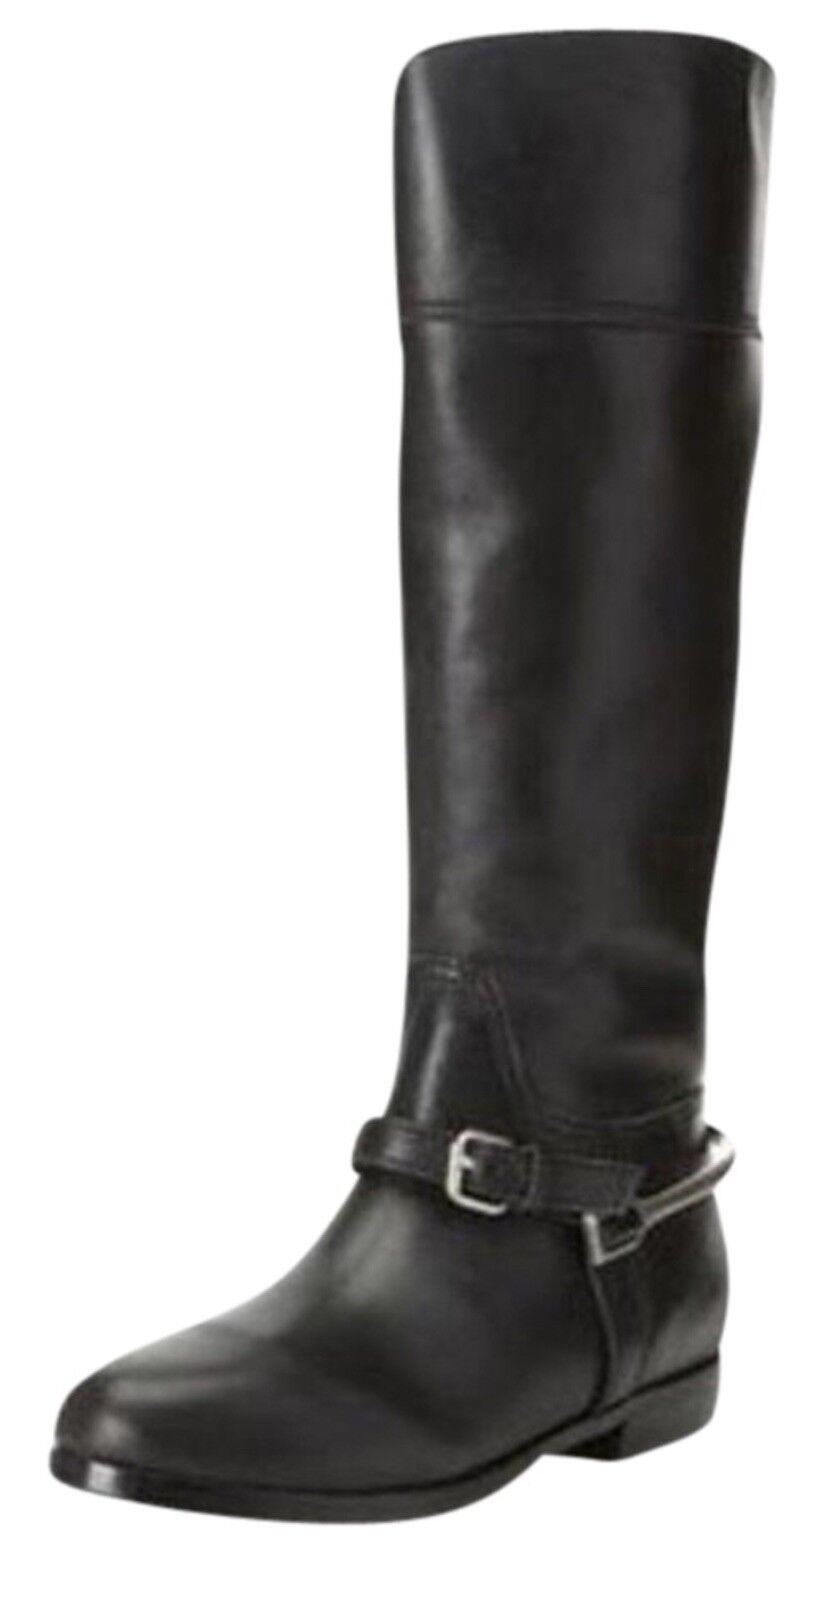 Pour La Victoire Marne para mujer botas botas botas de montar de cuero negro, tamaño  7.5 M. ab456b